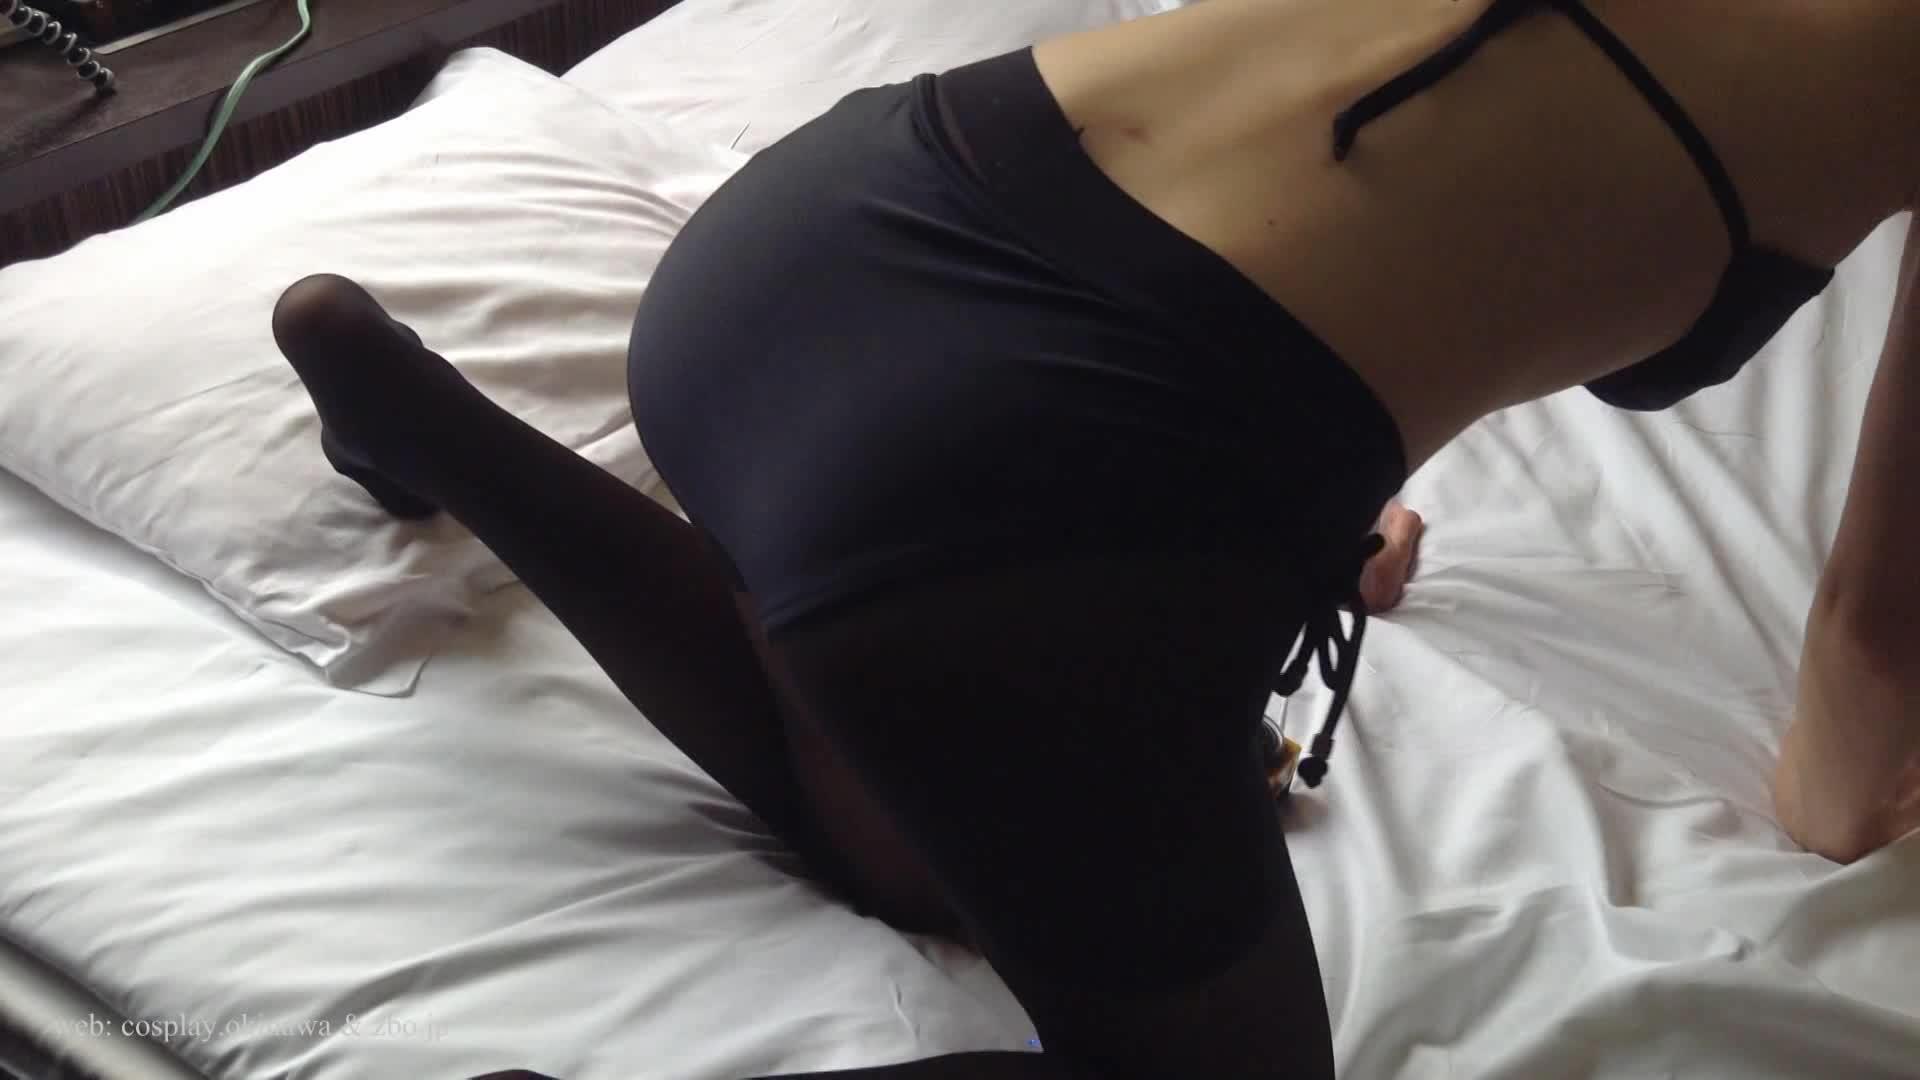 【こんな動画見たことない】360度カメラで見上げる黒ビキニ&黒タイツ美人